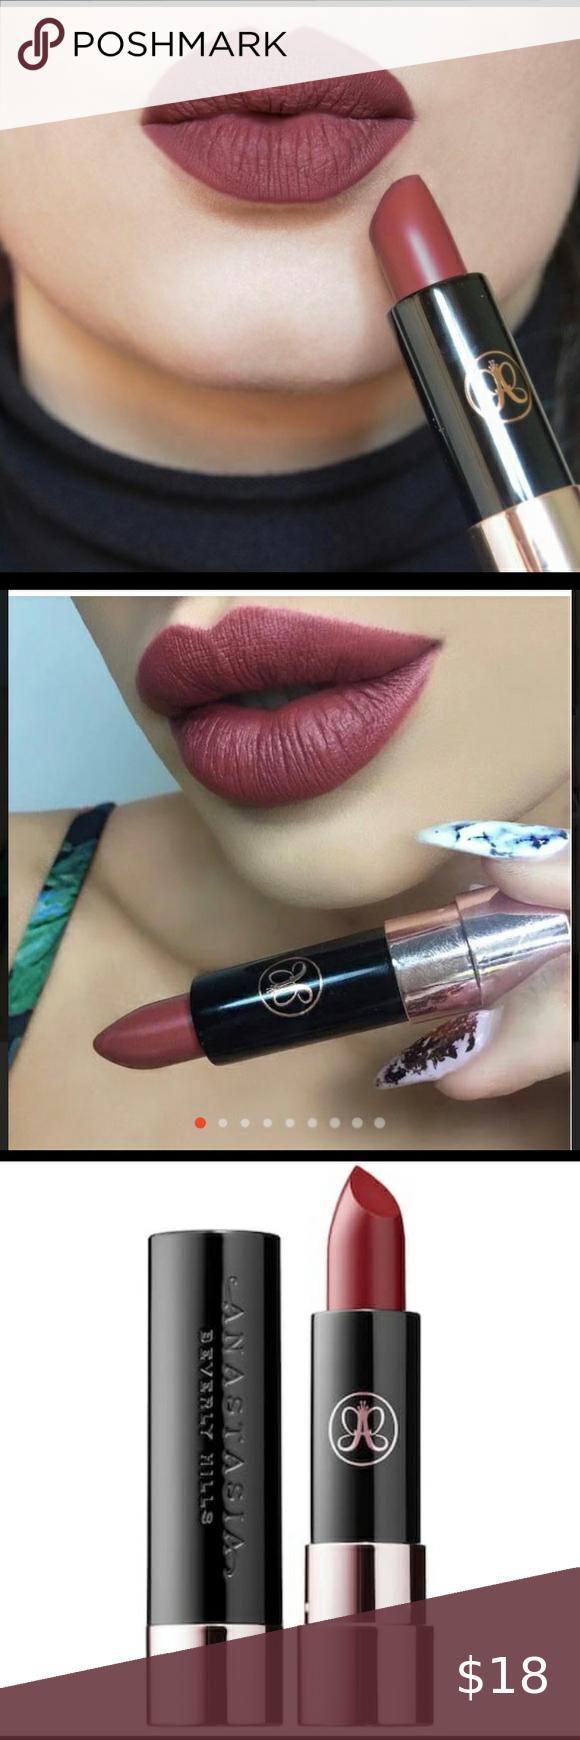 Anastasia Beverly Hills Matte Lipstick New In Box In 2020 Matte Lipstick Pigmented Lips Lipstick